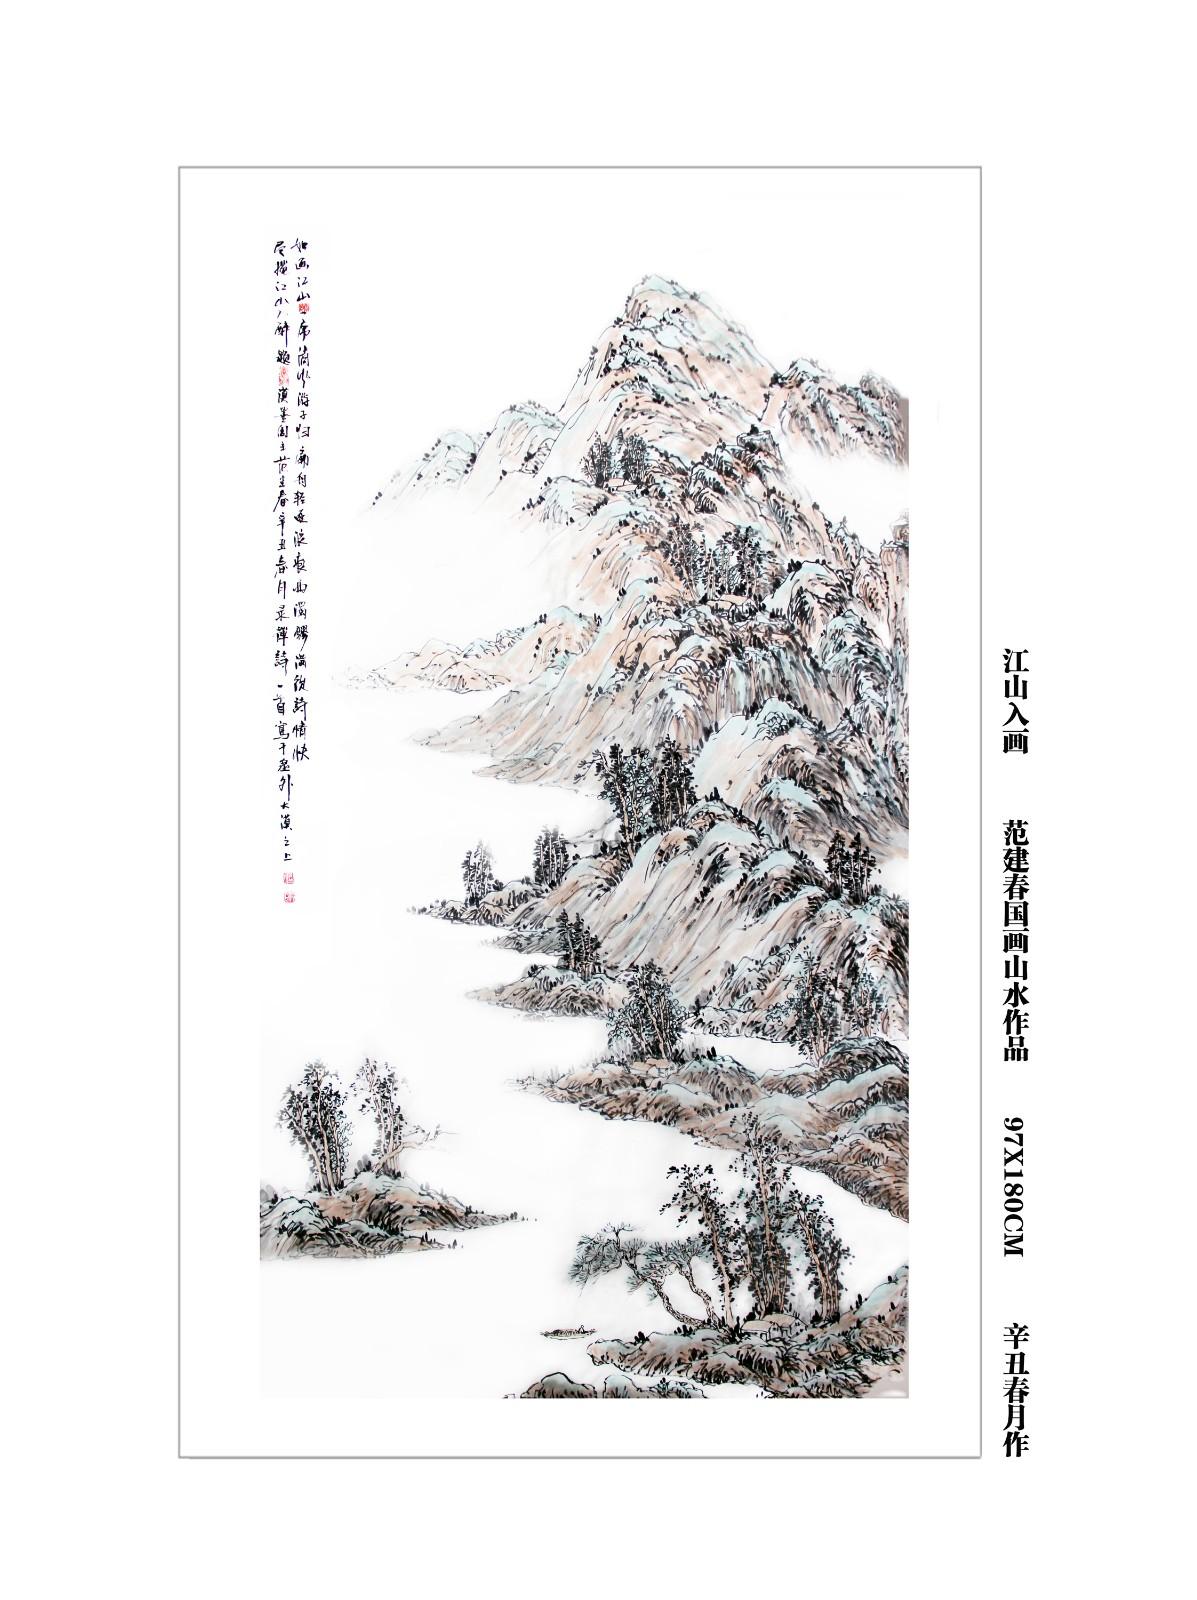 范建春《江山如画》系列国画作品_图1-7